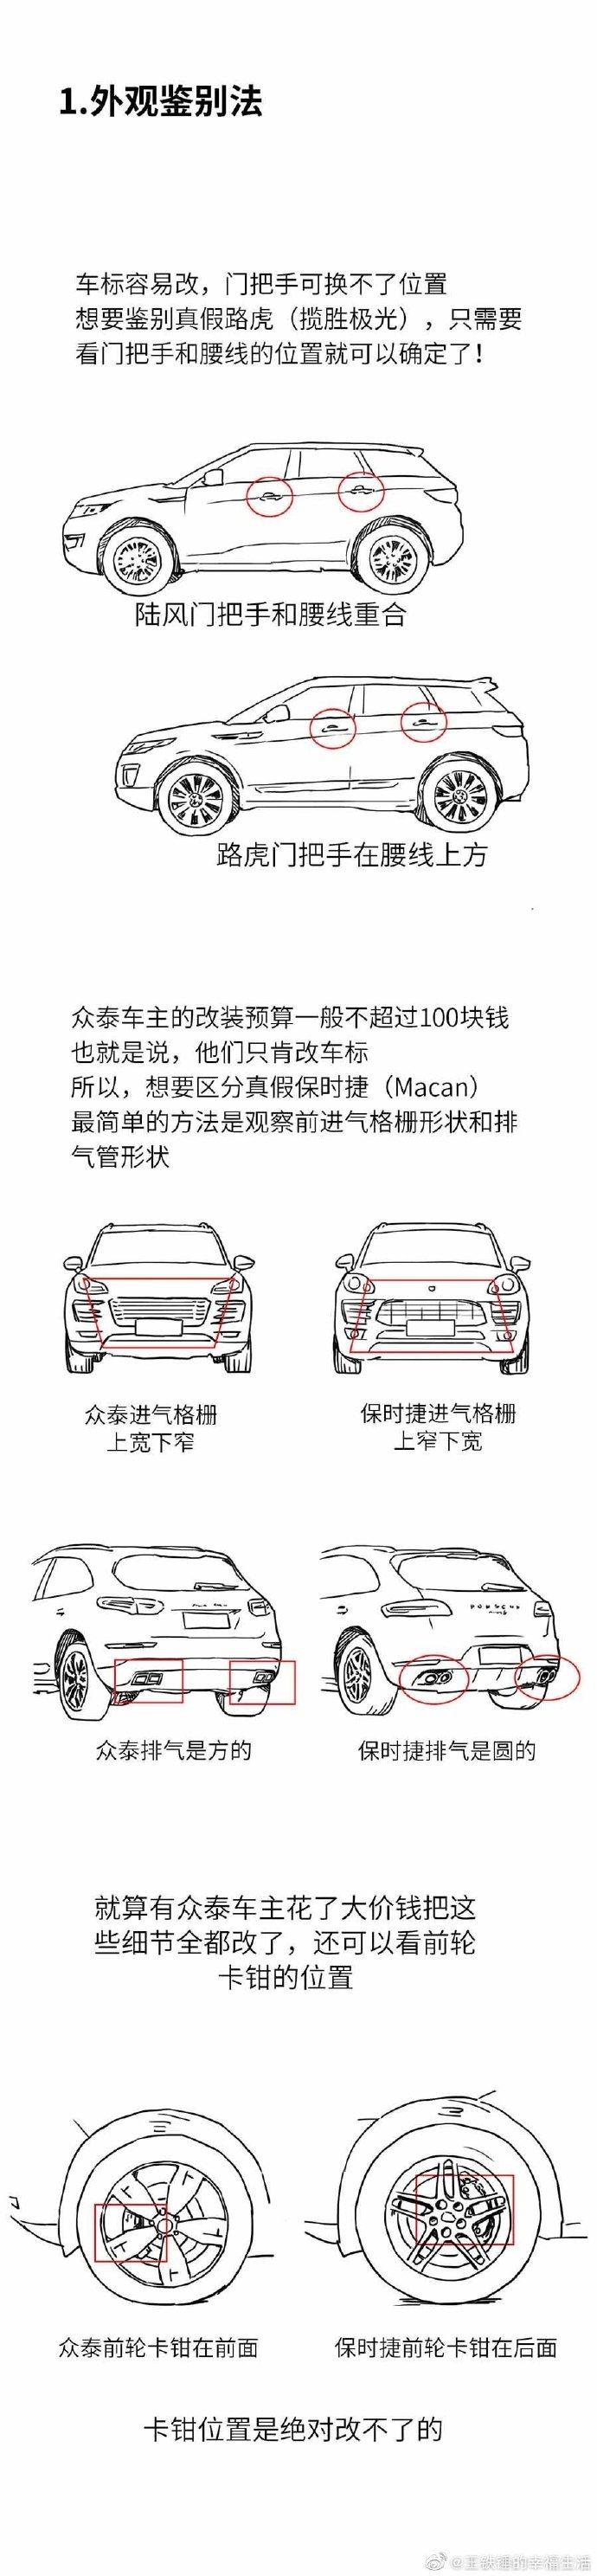 春节防装逼必备:假豪车鉴定指南  liuliushe.net六六社 第3张